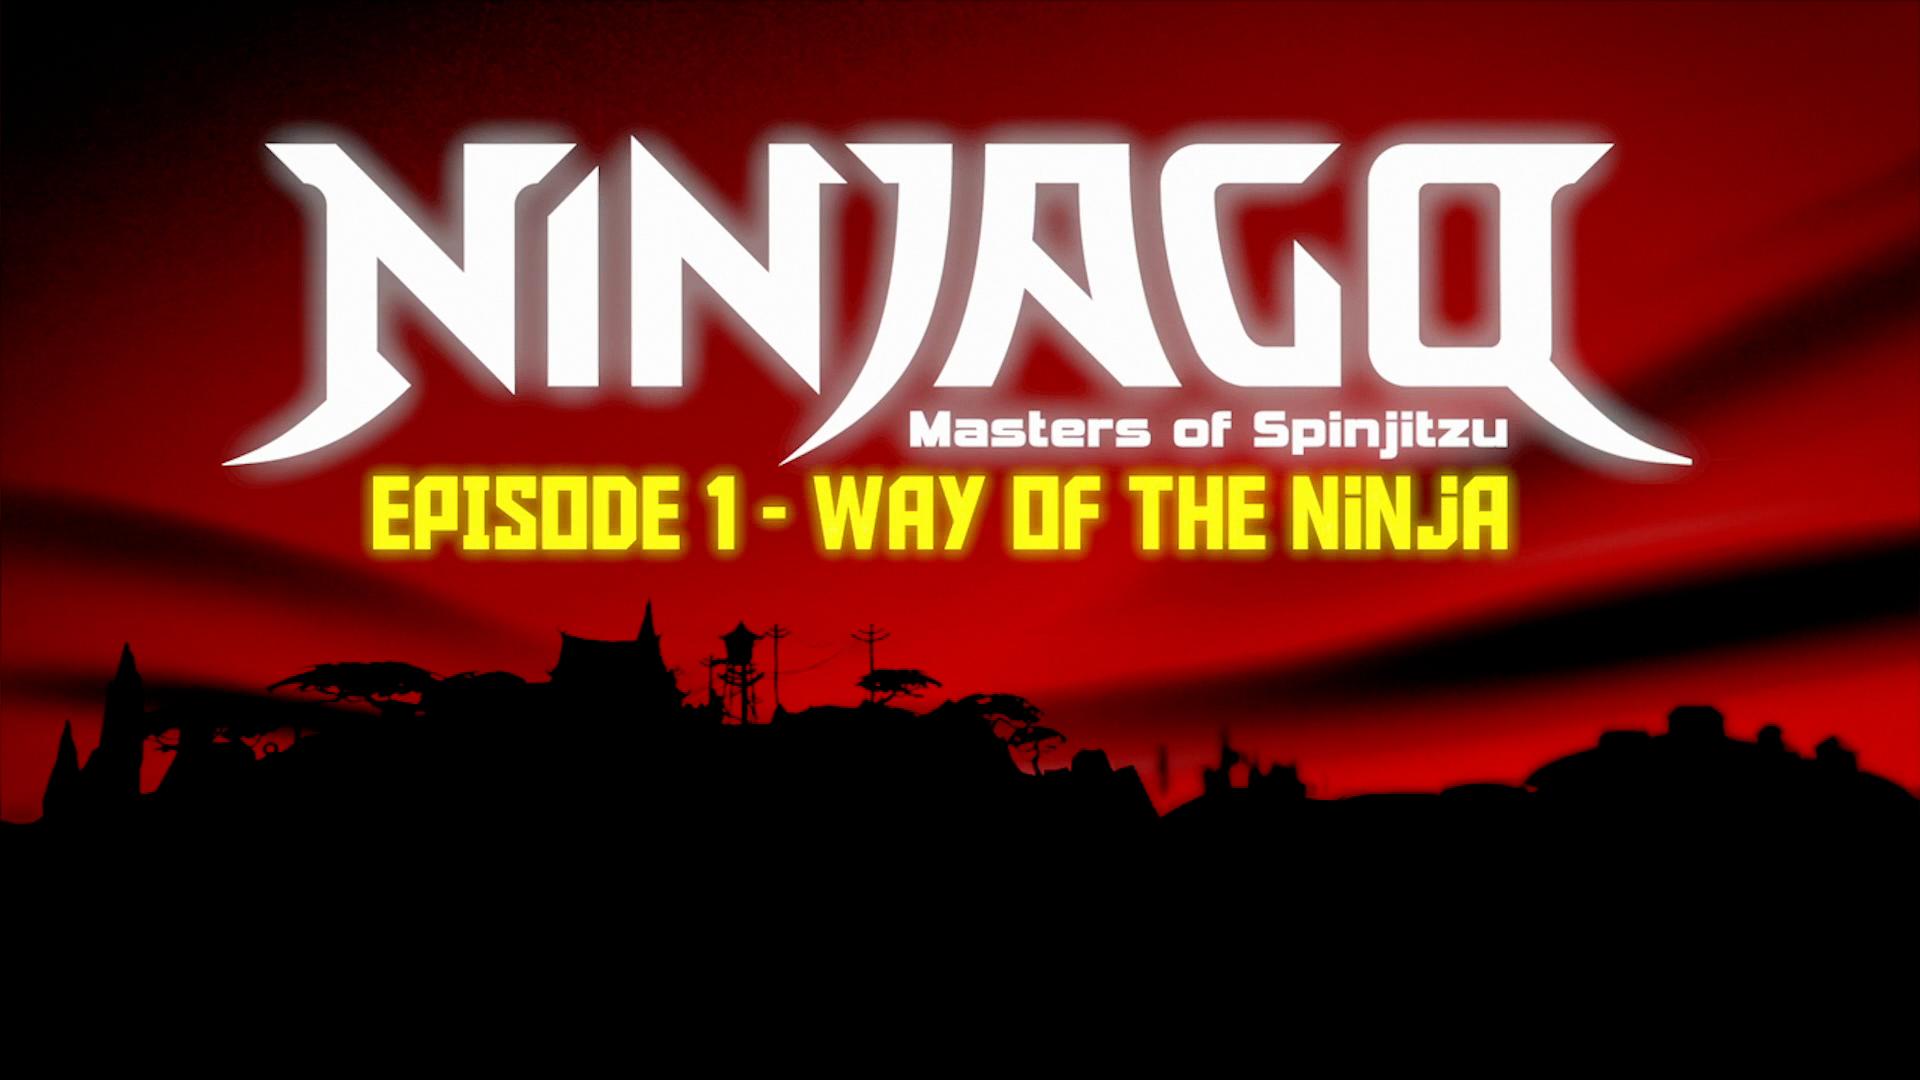 Masters of Spinjitzu Episodes